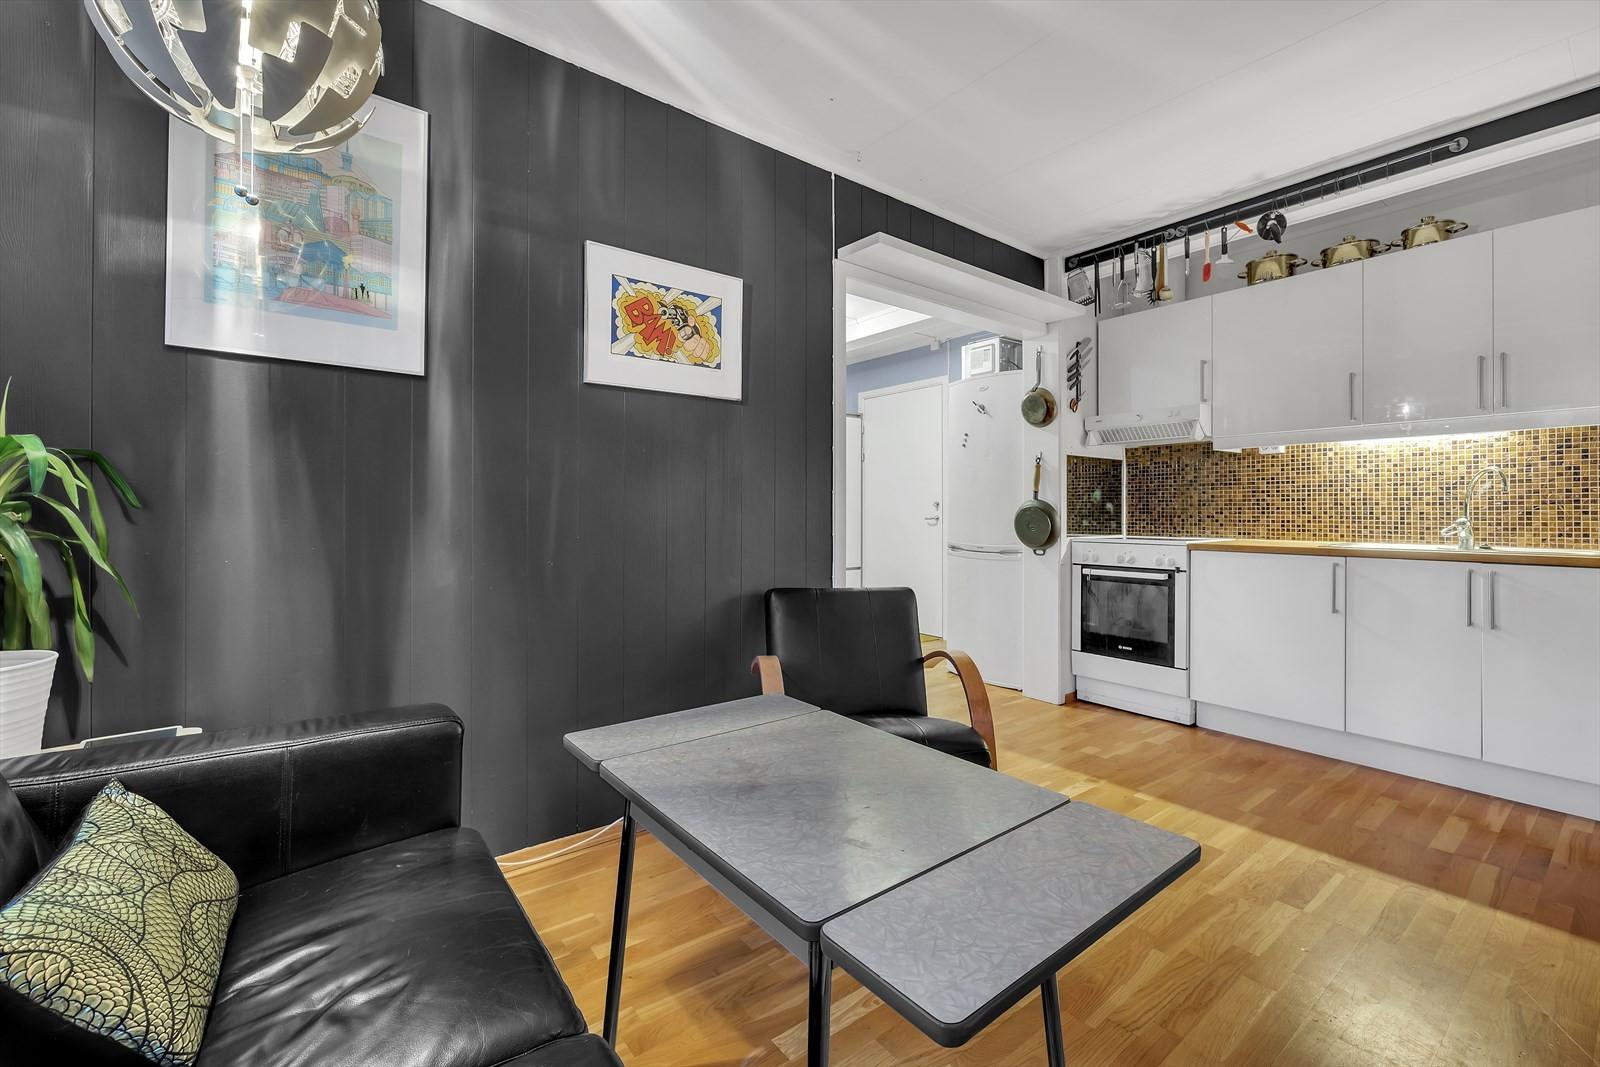 Stue og kjøkken i samme rom